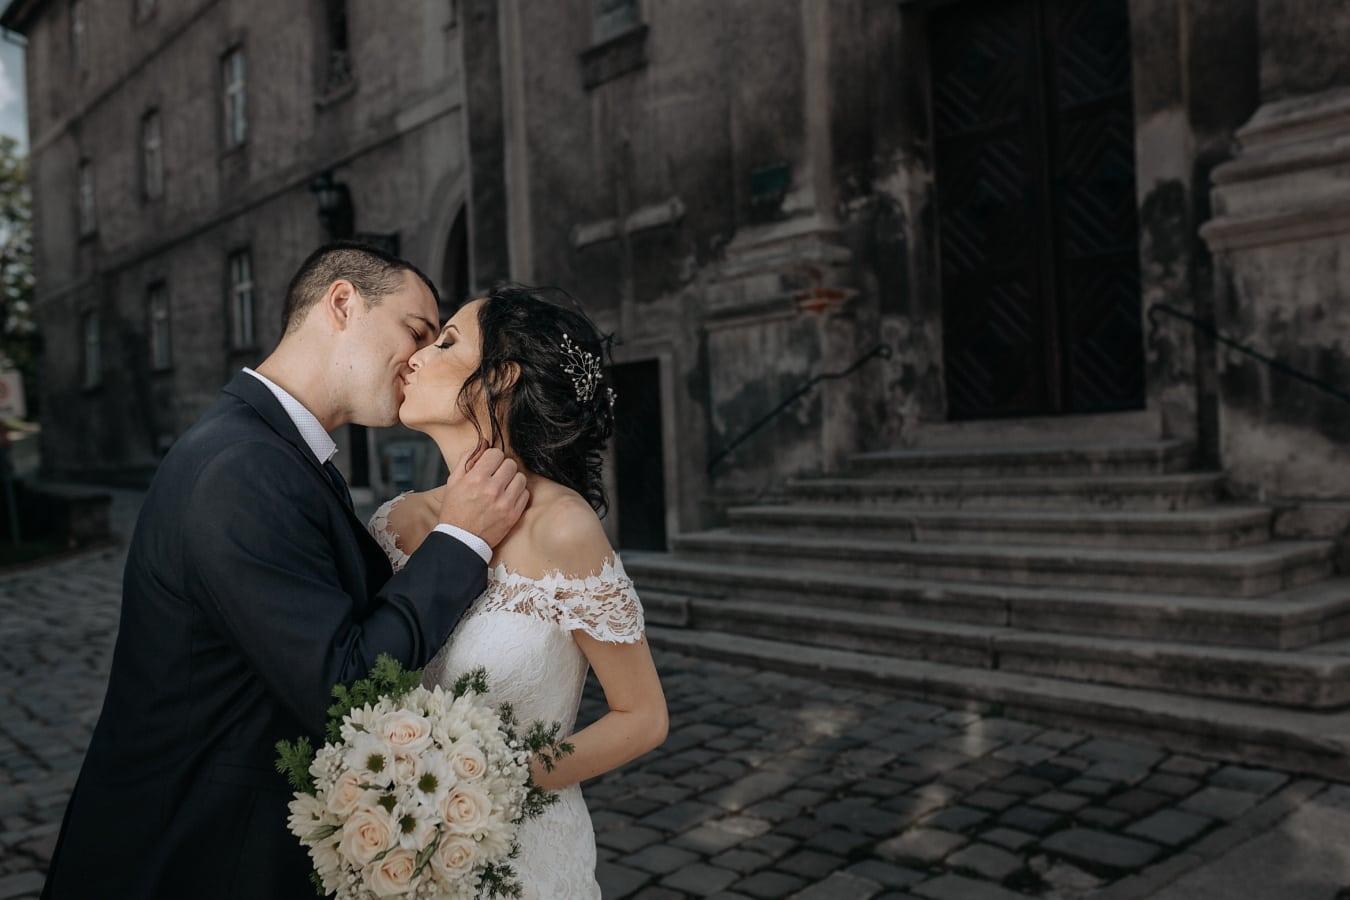 professionelle, Hochzeit, Bild, Frau, Bräutigam, Blumenstrauß, Kleid, Braut, Ehe, paar